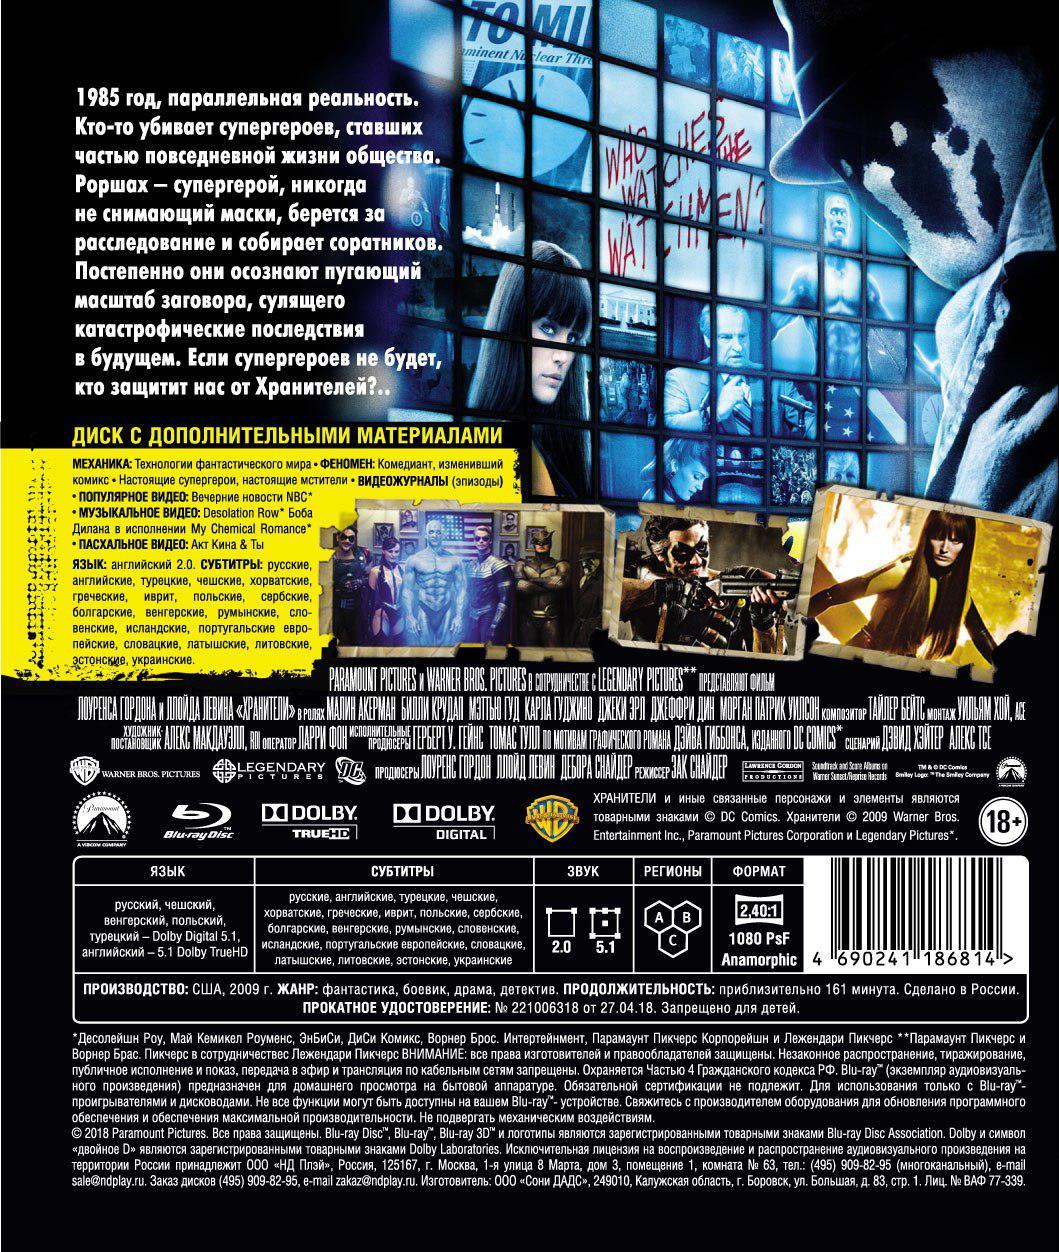 Blu-ray. Хранители. Коллекционное издание + артбук, 6 карточек (количество Blu-ray: 2)